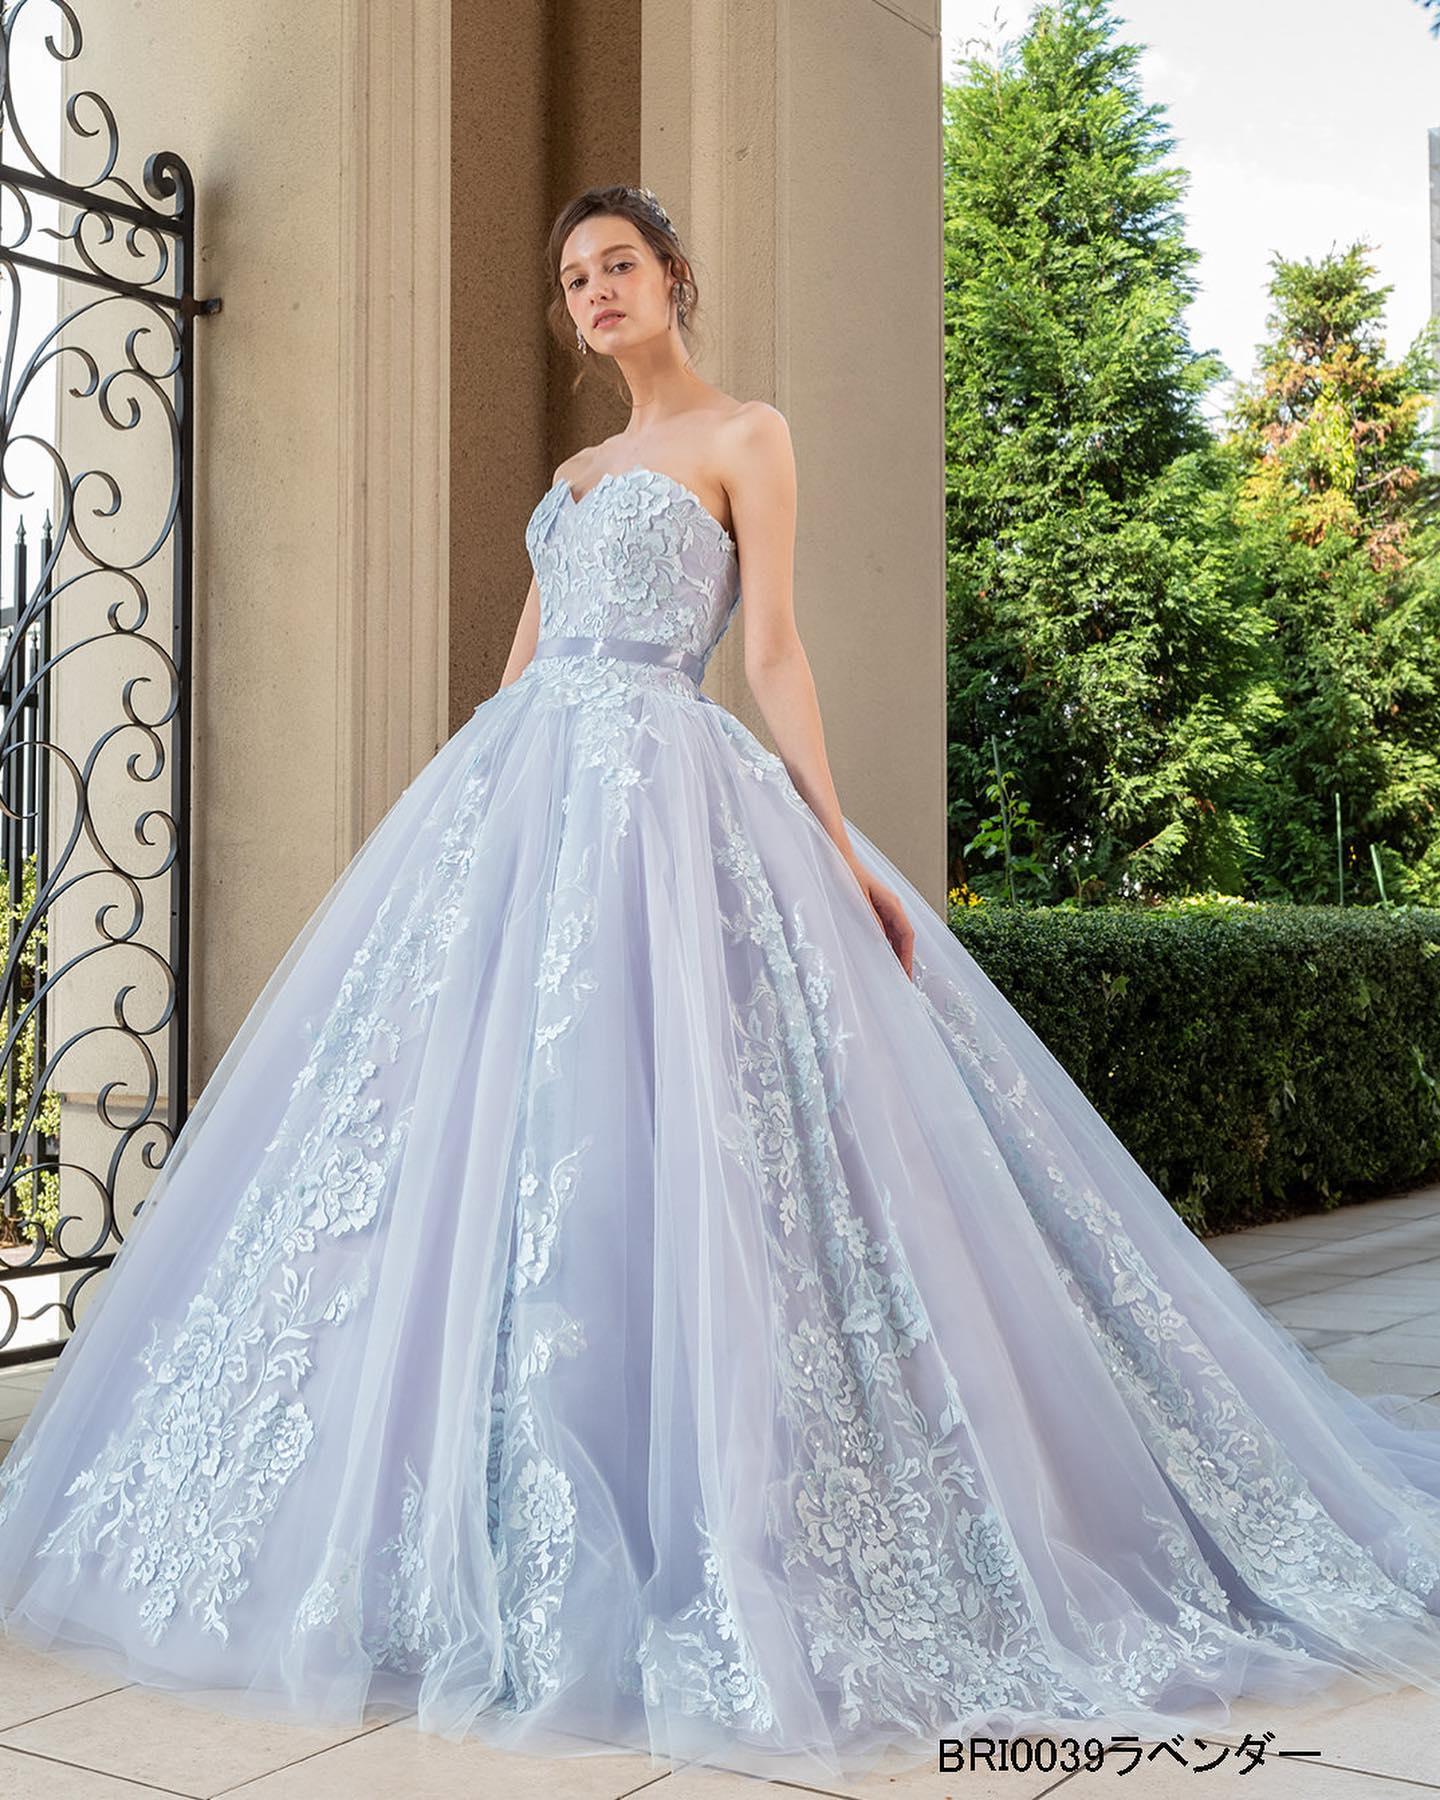 ・本日は人気の#カラードレス をご紹介・ラベンダーのカットワークレースがチュールに美しく映える爽やかな印象のカラードレス・シースルーのブラウスが大人可愛さを演出これからの季節にピッタリのお色味ぜひご試着下さいませお色違いでブルーのご用意もございます・カラードレス【Brilliantayu】ブリリアンターユレンタル料金¥220000-・#wedding #weddingdress #bridalhiro #ウェディングドレス #プレ花嫁 #ドレス試着 #2021夏婚 #2021冬婚 #ヘアメイク #結婚式  #ドレス選び #前撮り #後撮り #フォトウェディング #ウェディングヘア  #フォト婚 #前撮り写真 #ブライダルフォト #カップルフォト #ウェディングドレス探し #ウェディングドレス試着 #レンタルドレス #ドレスショップ #家族婚 #ブライダルヒロ #ゼクシィ #プリンセスライン #ドレス迷子